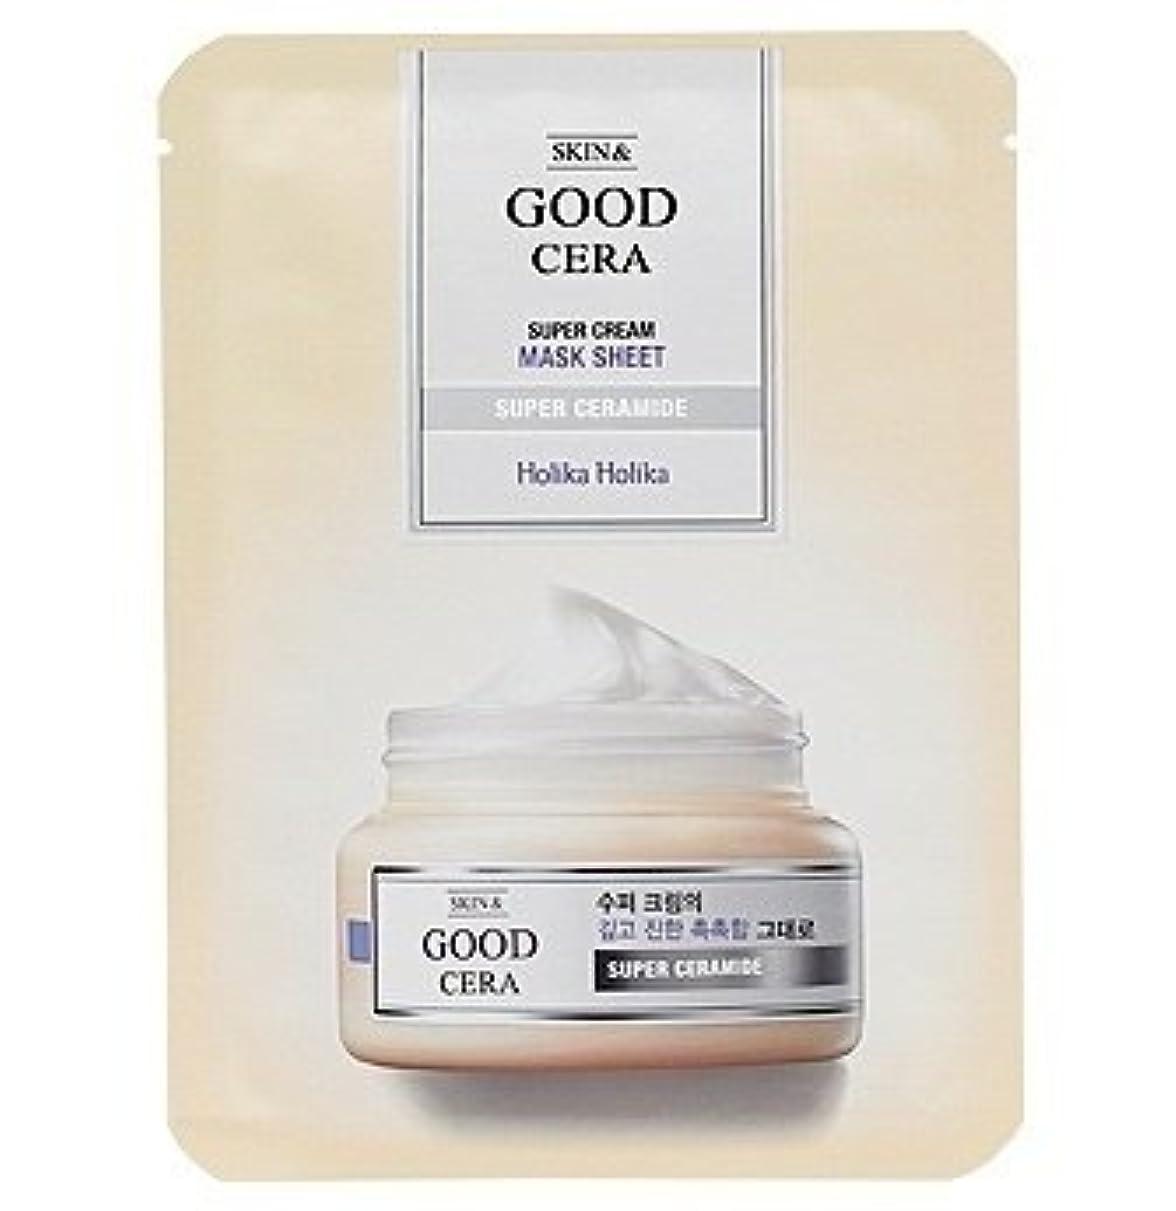 特別な一過性疑問に思うホリカホリカ グッドセラ スーパークリーム マスクシート(3枚)Holika Holika Good Cera Super Cream Mask Sheet(3EA) [並行輸入品]